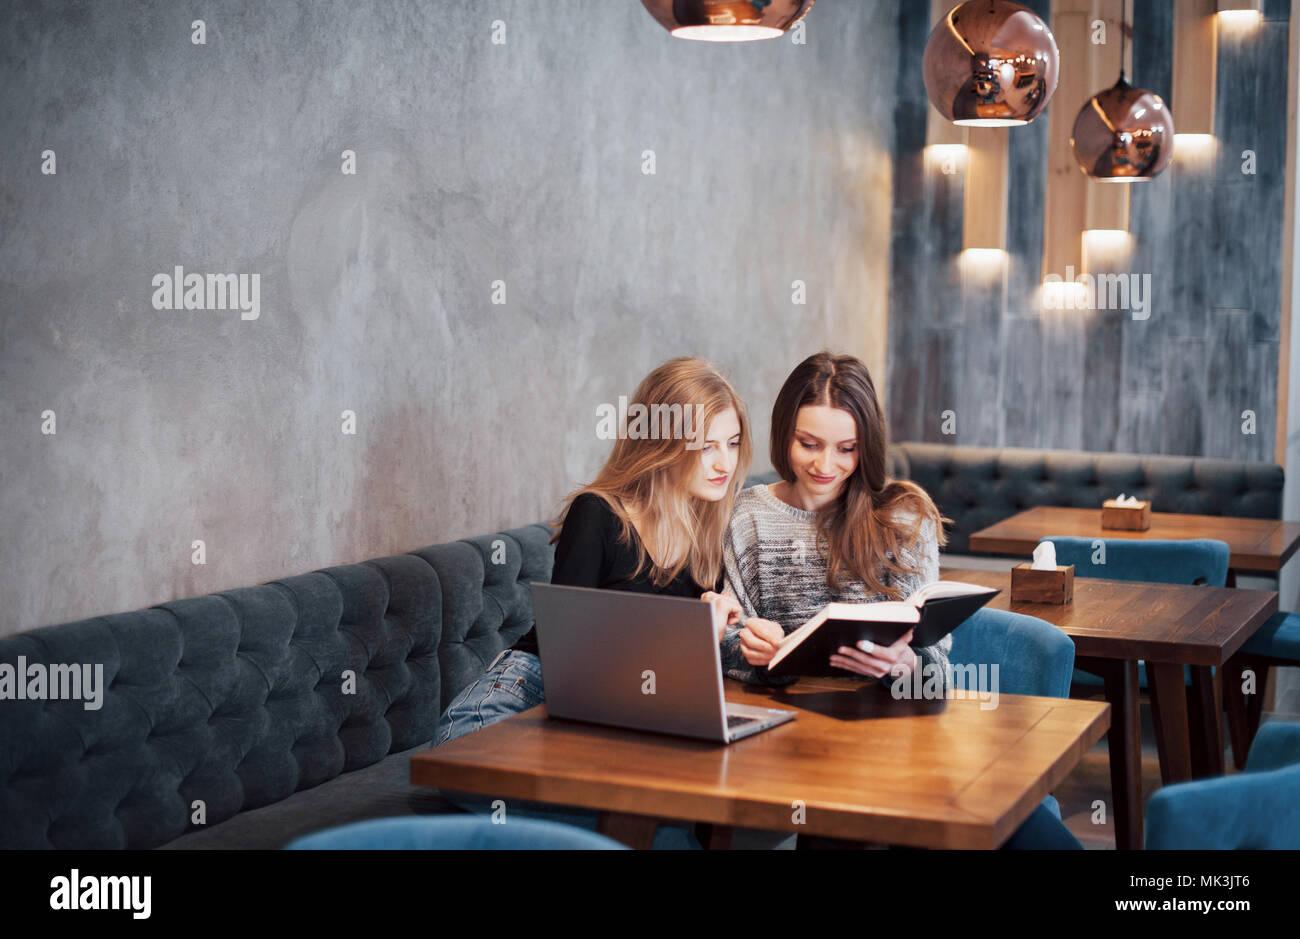 Une rencontre individuelle.Deux jeunes femmes d'affaires sitting at table in cafe.Fille révèle collègue informations sur un écran d'ordinateur portable.rencontrer des amis, dîner en famille.Le travail d'équipe, réunion d'affaires. Pigistes travaillant Photo Stock